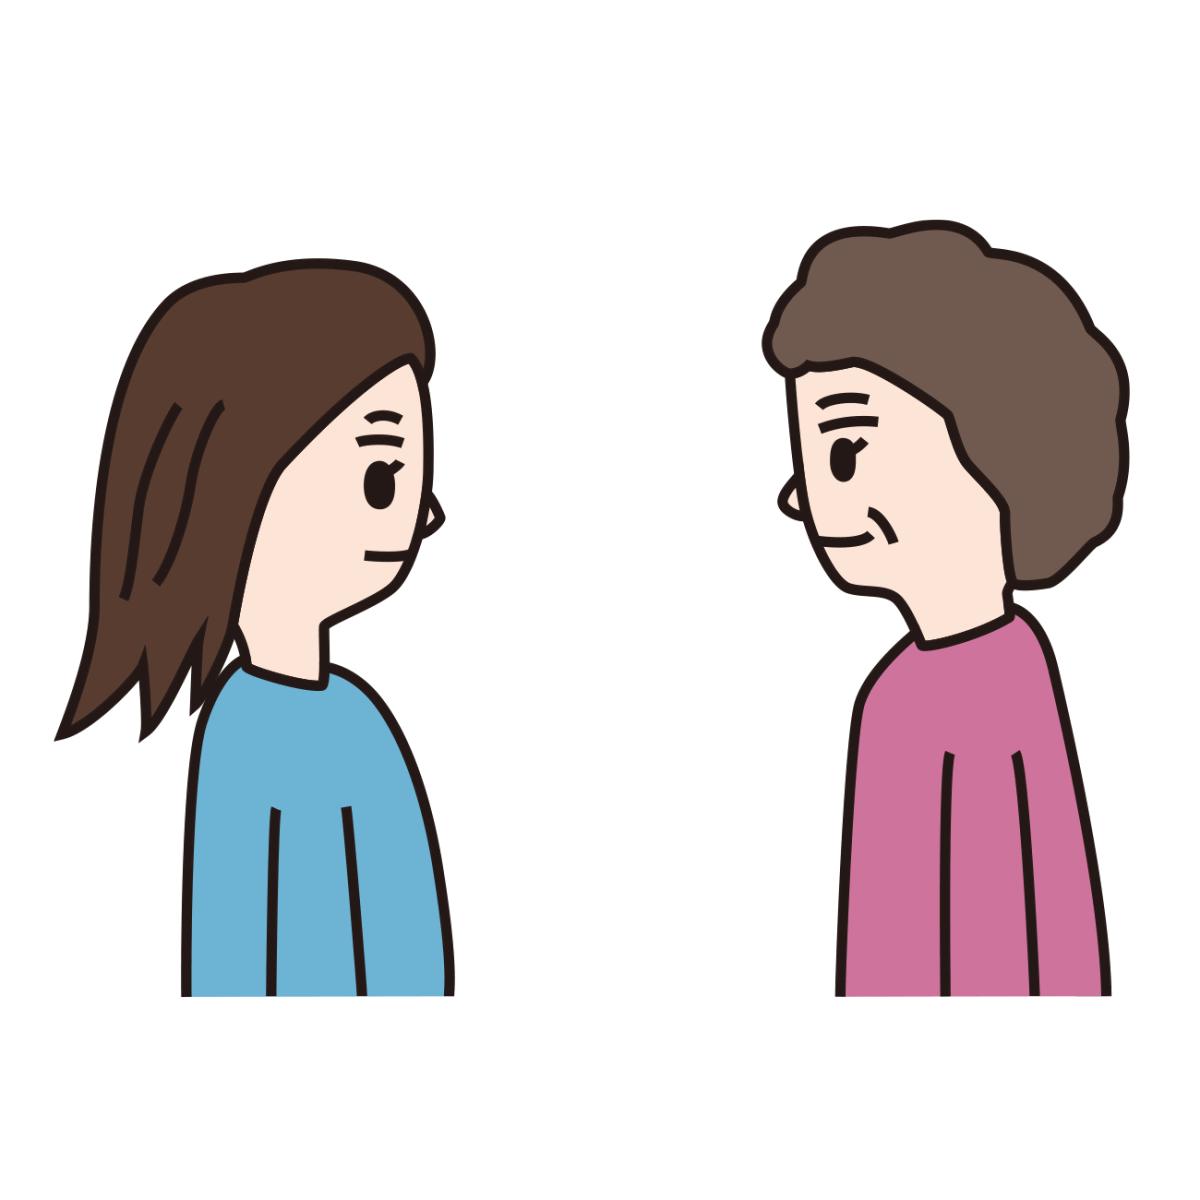 毒母と娘が共依存をしているイメージ